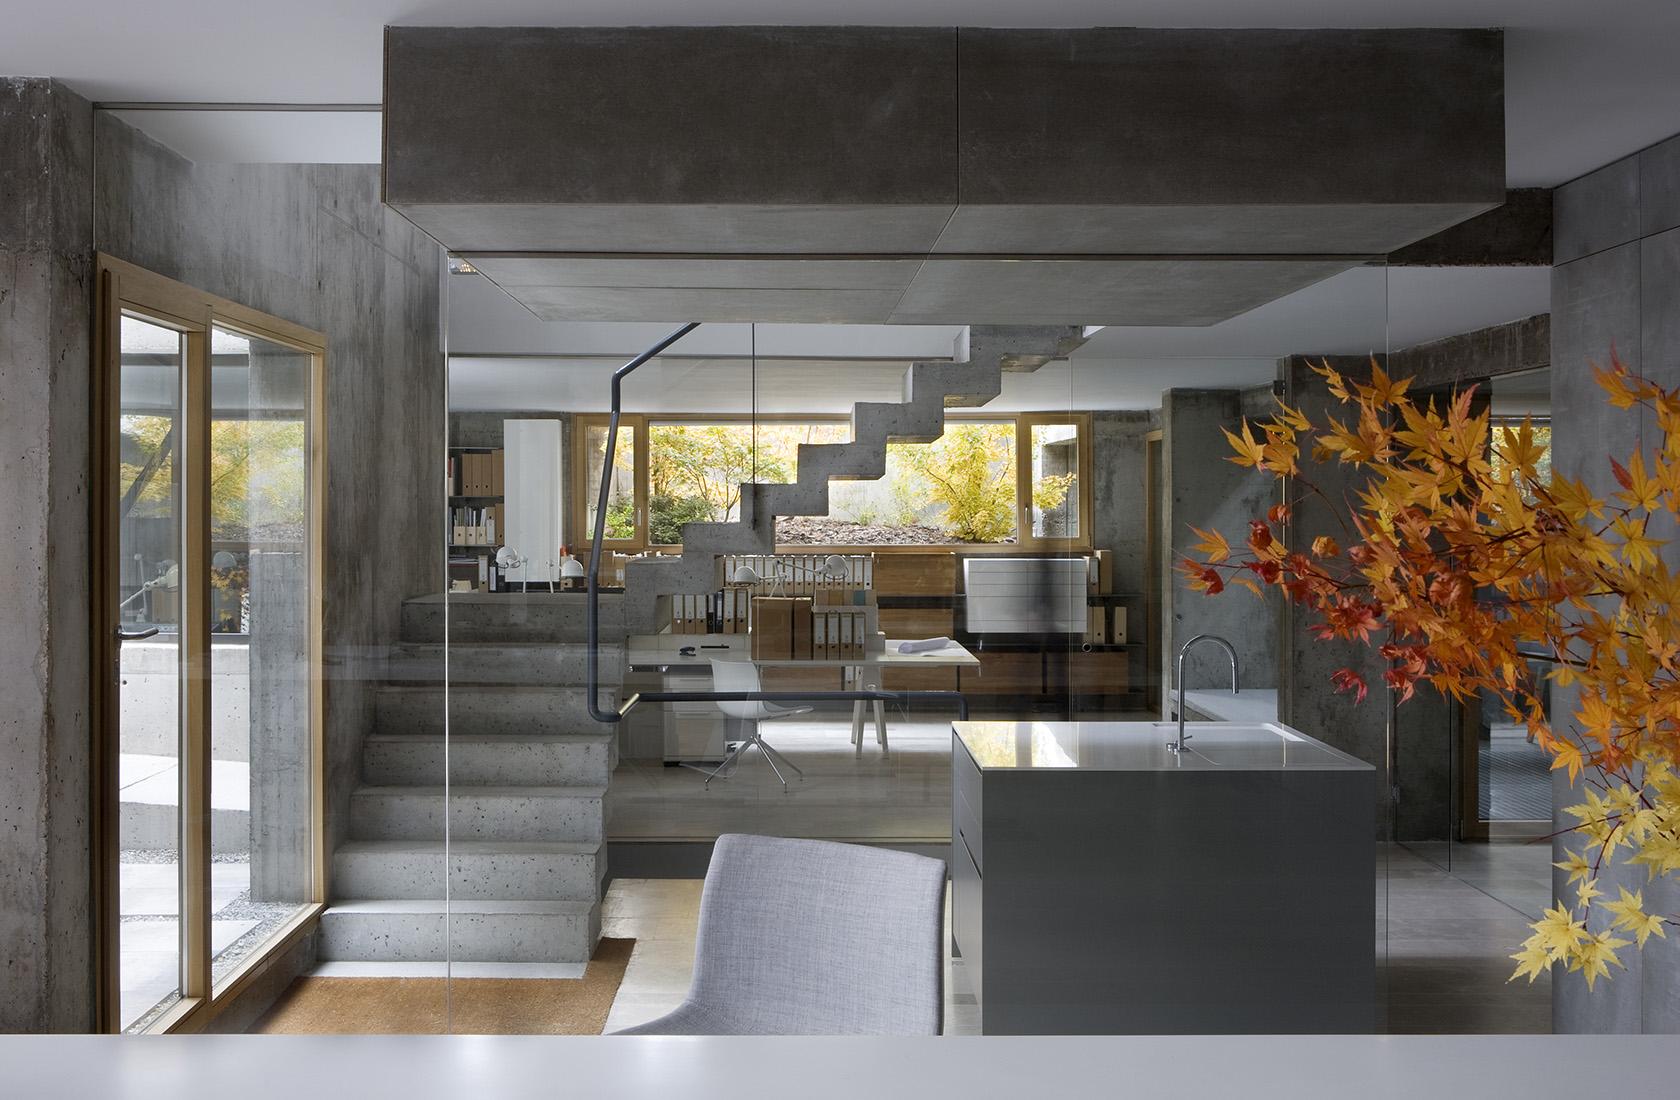 Vista general de la zona de oficinas con luz natural, sede ÁBATON Arquitectura